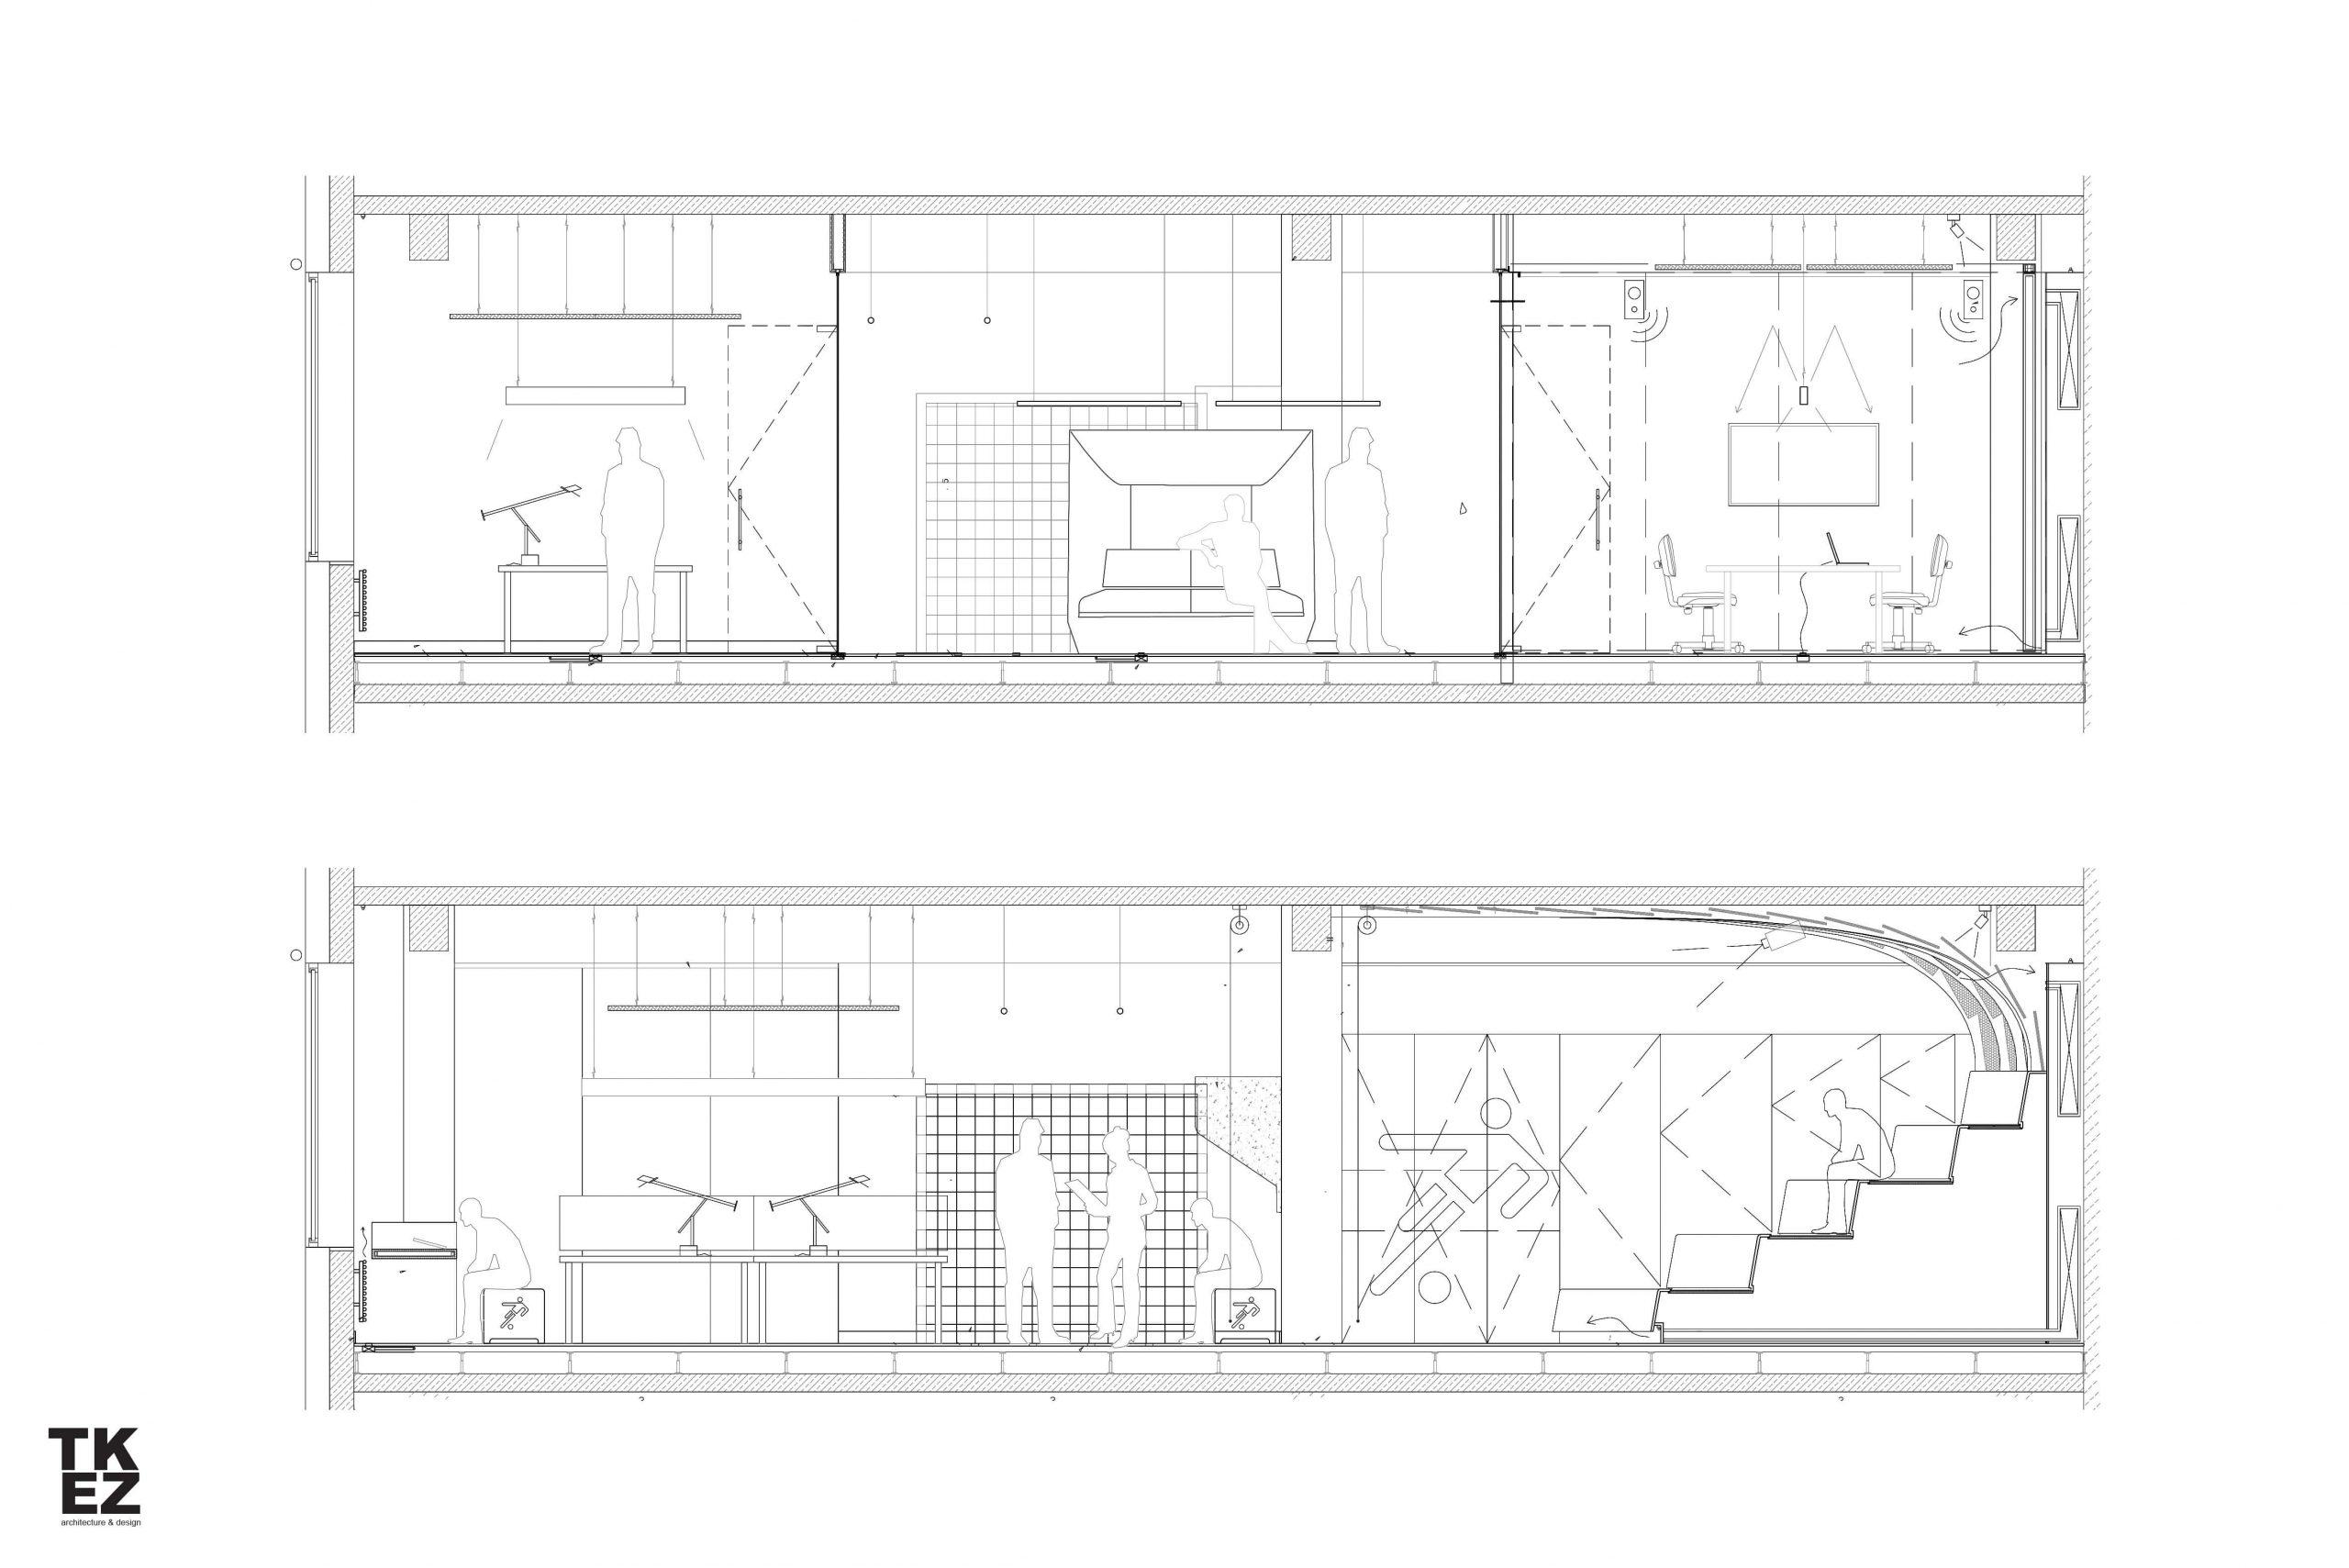 Startup Onefootball Office Design TKEZ Architekten Seitenansicht Planung